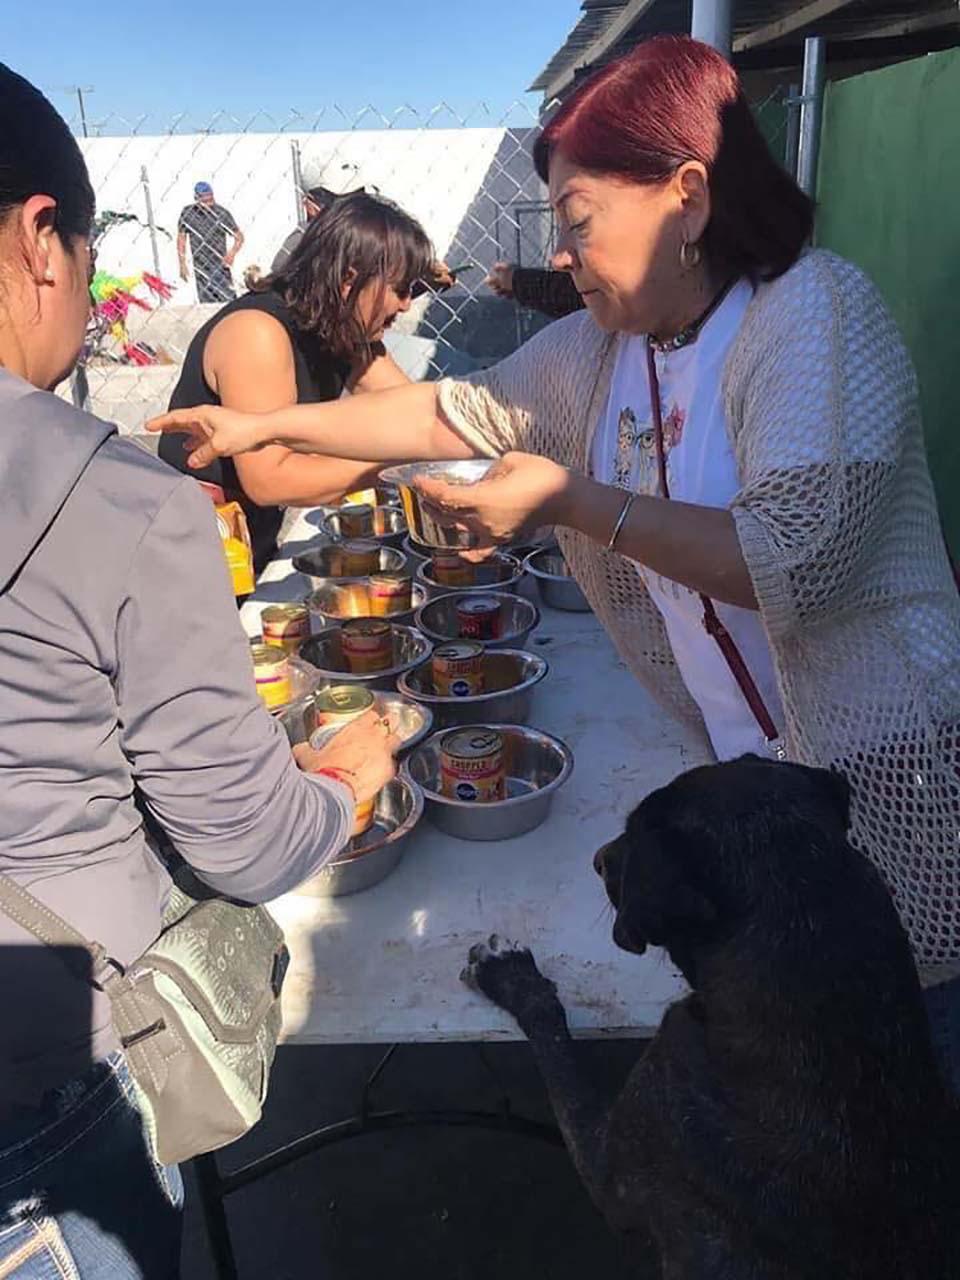 Mujeres sirven las latas de comida para perros